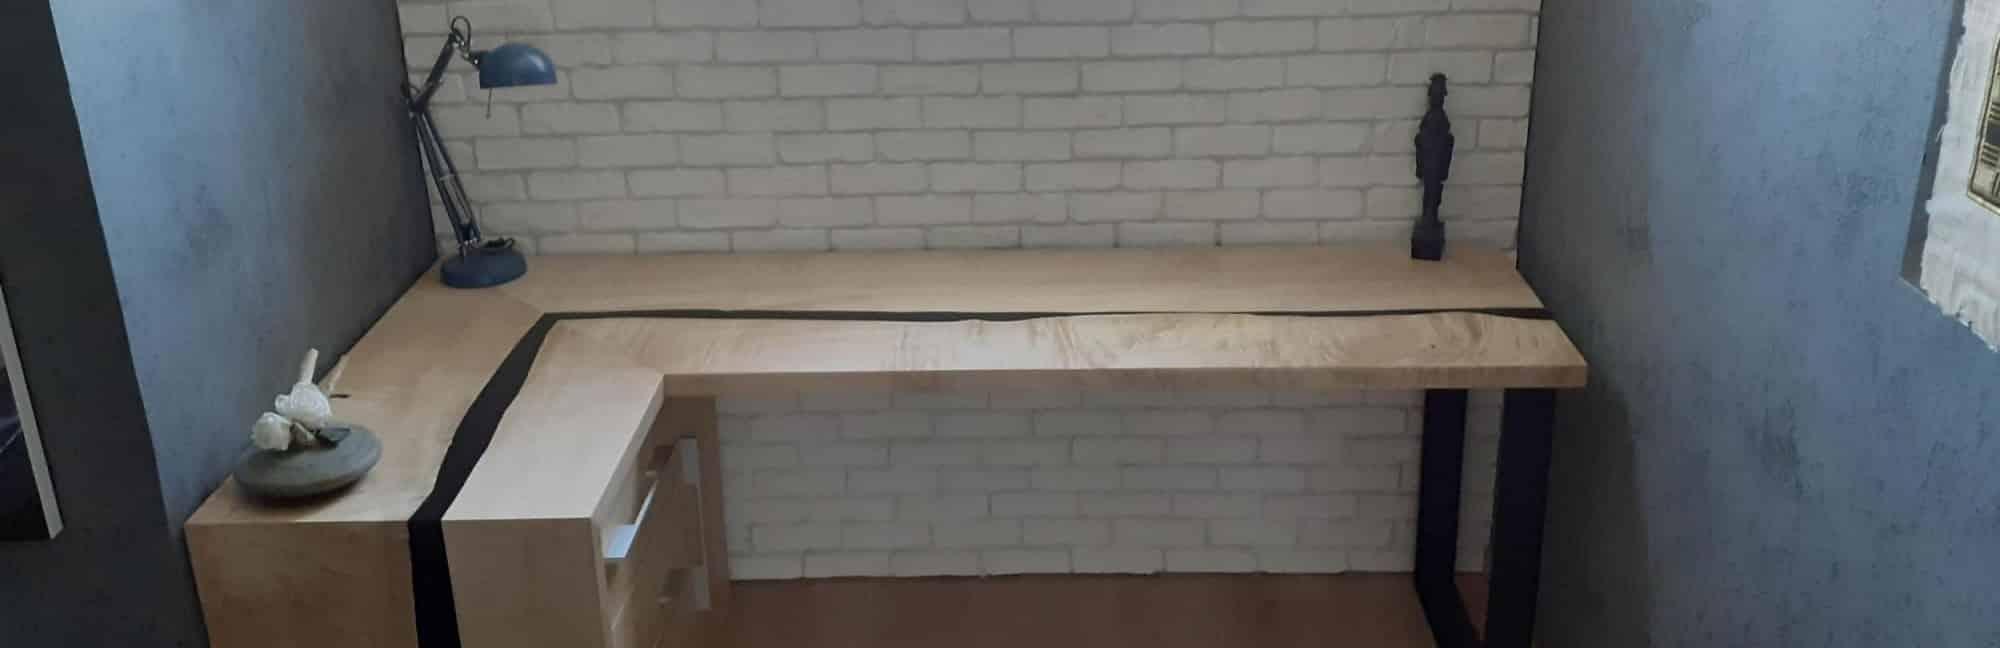 bureau en bois et résine époxy noire